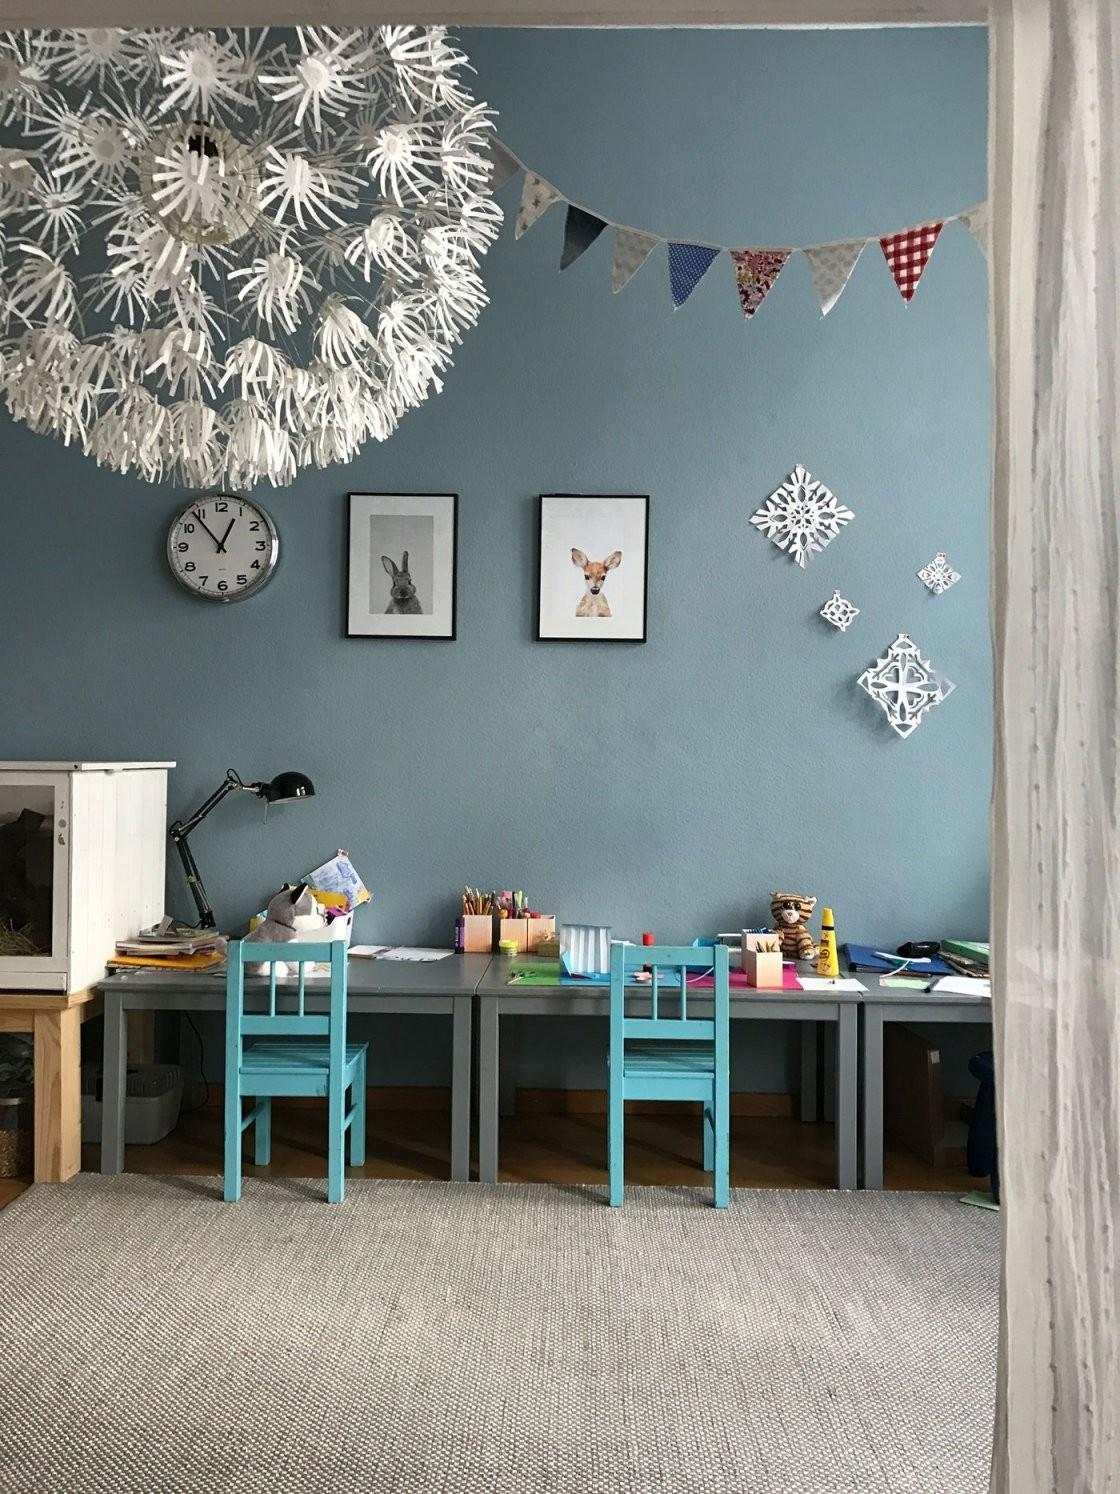 Die Besten Ideen Für Die Wandgestaltung Im Kinderzimmer von Wandgestaltung Kinderzimmer Mit Farbe Photo